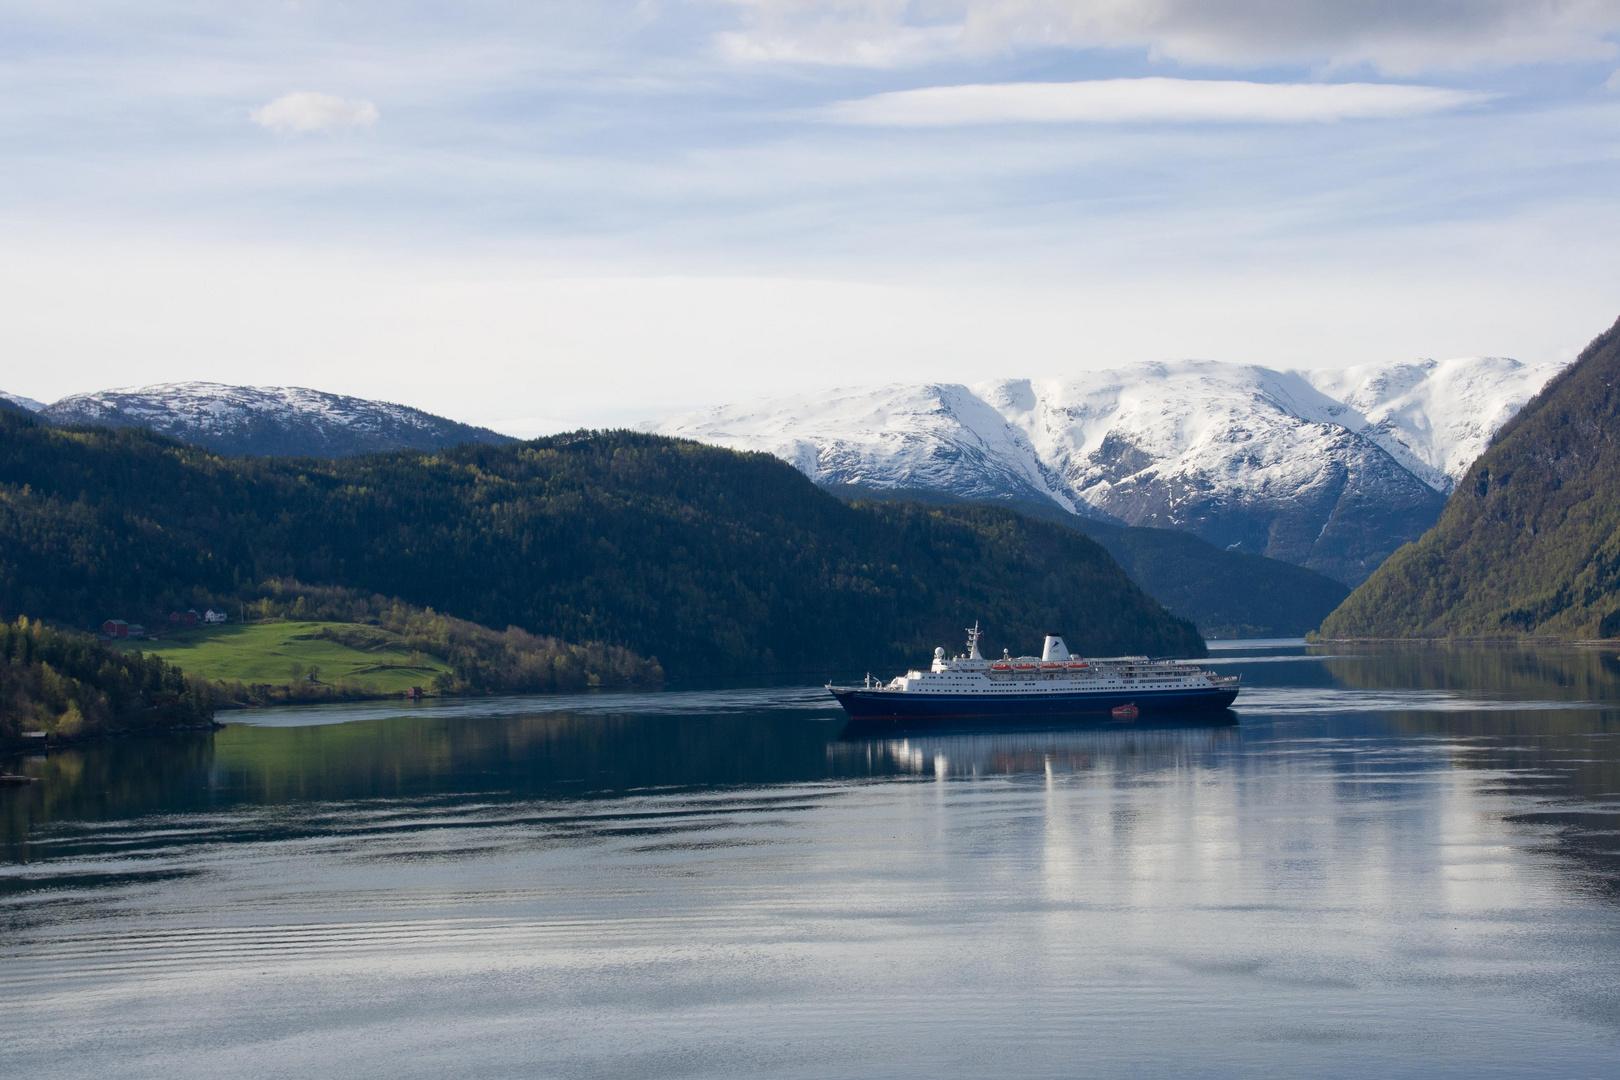 Die Marco Polo in Eidfjord / Hardangerfjord